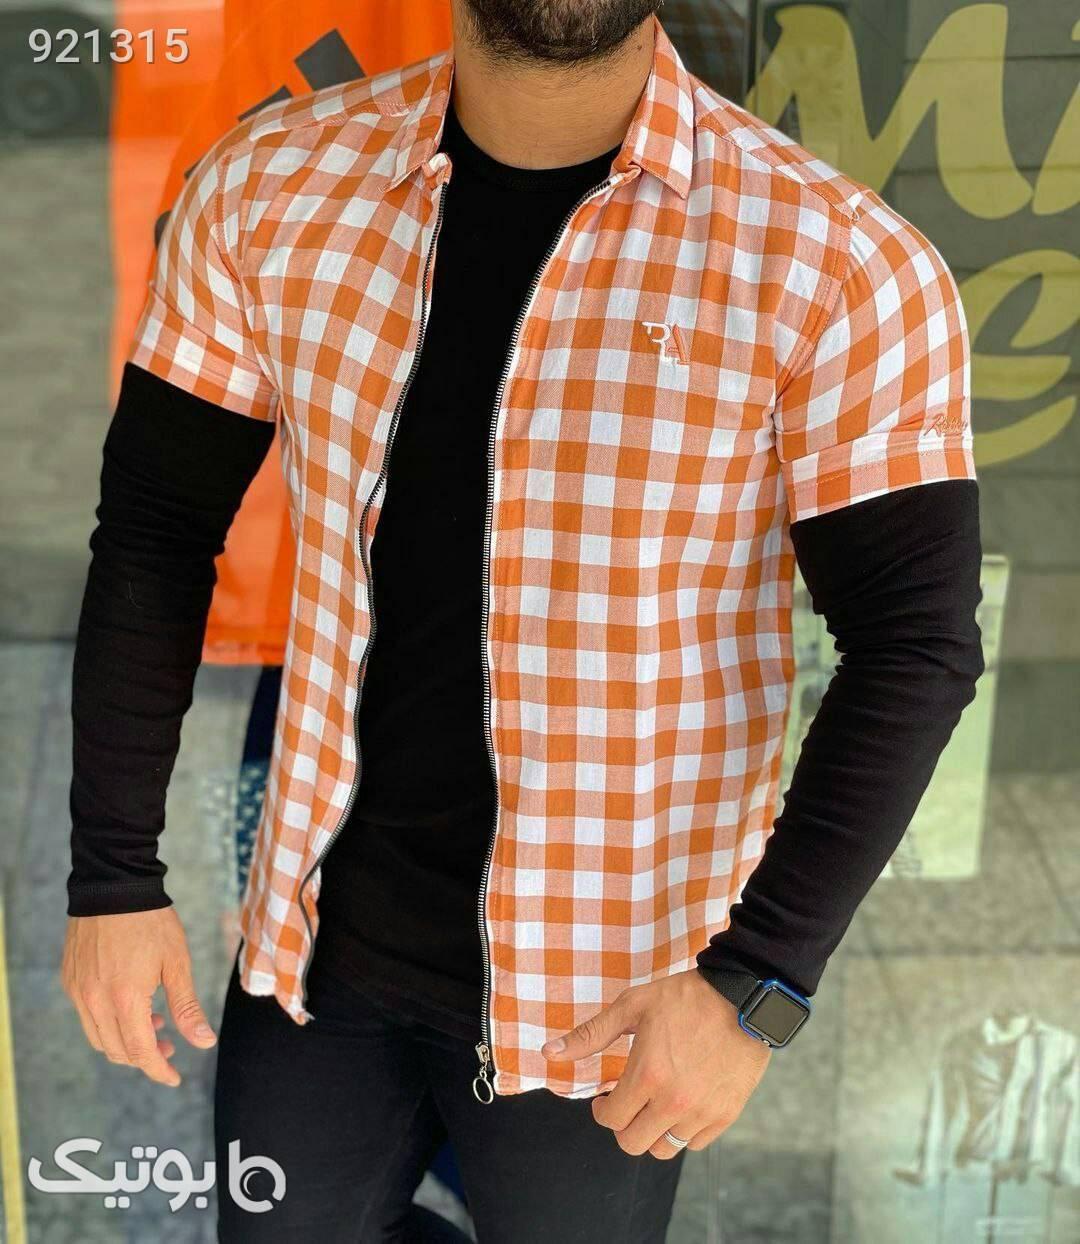 پیراهن استین کوتاه زیپدار مردانه شیک قرمز پيراهن مردانه